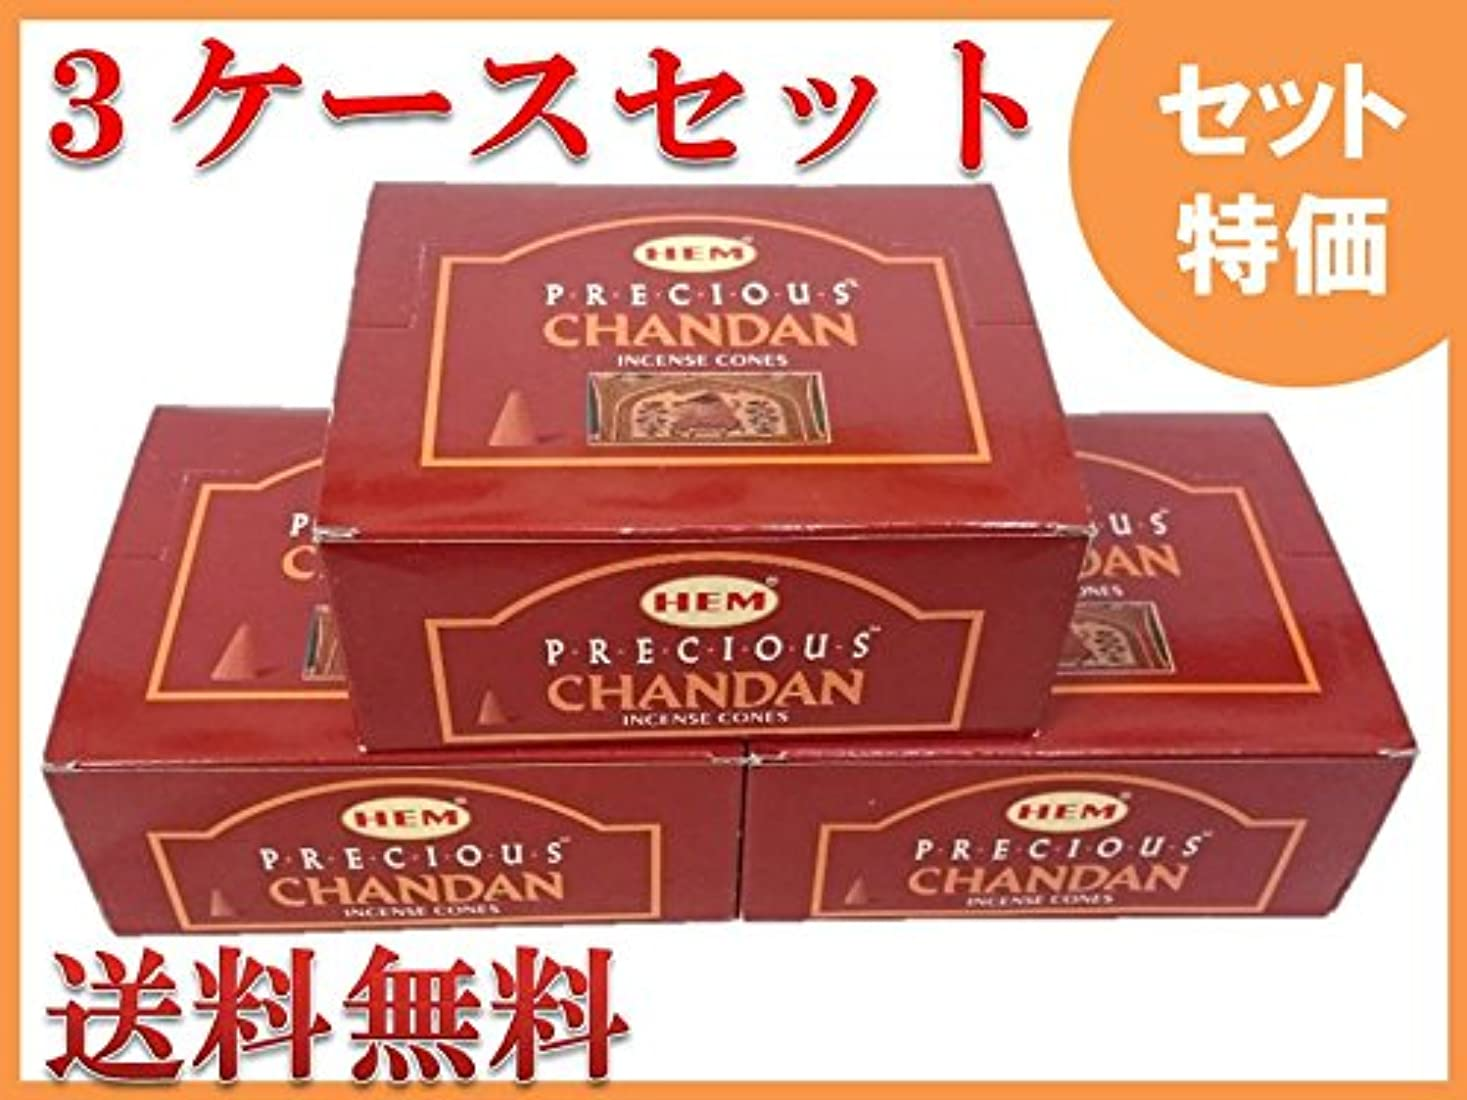 評価する通行料金カウボーイHEM お香コーン/(12箱入り) 3ケース(36箱)セット HEMチャンダン